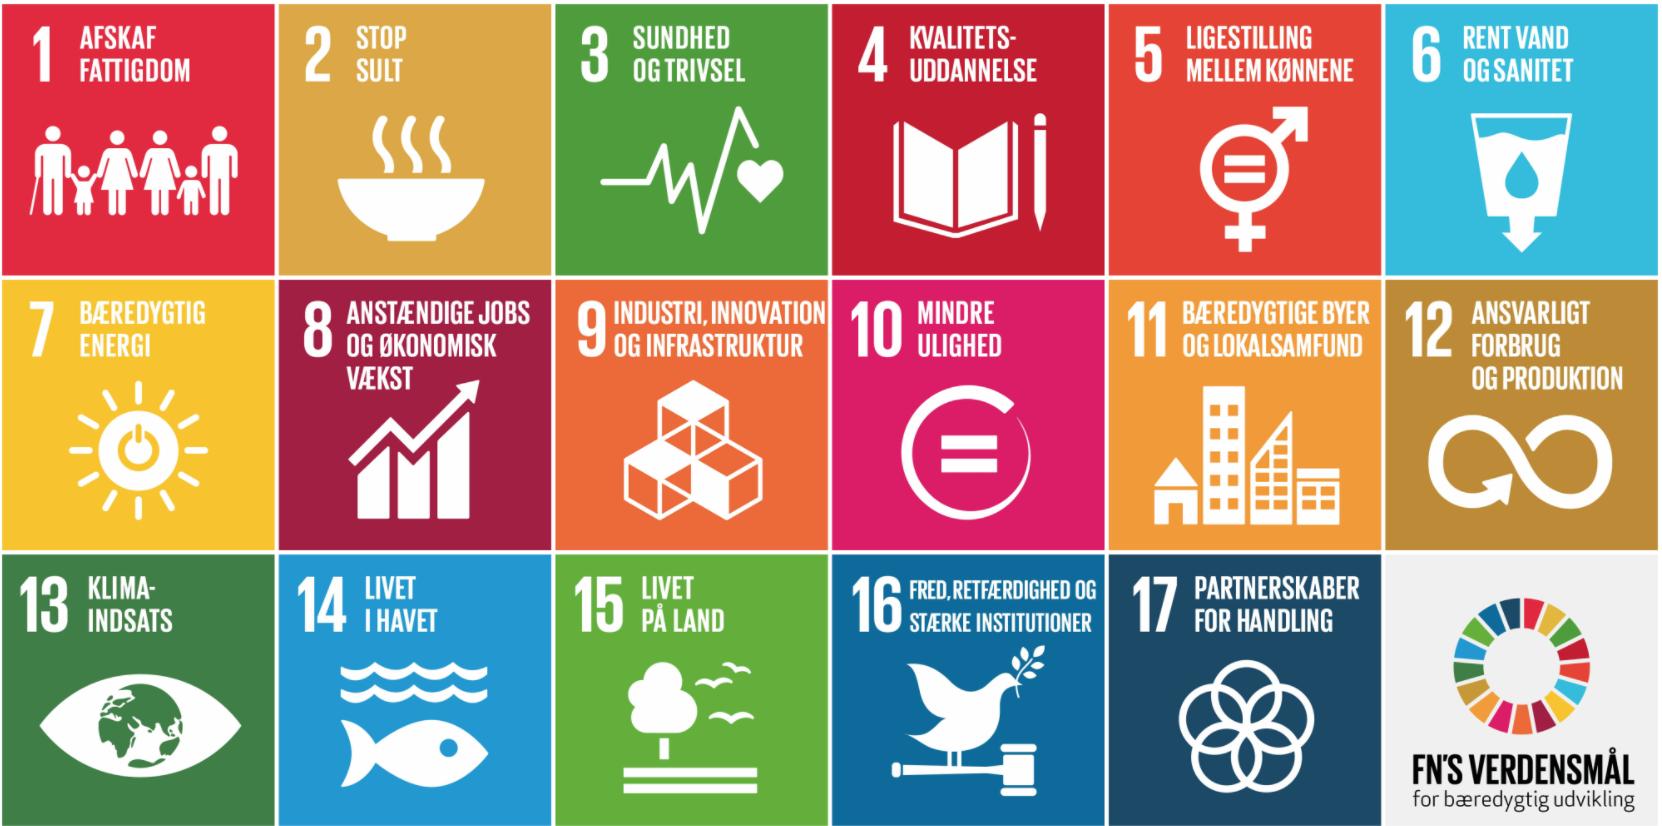 FNs-verdensmål